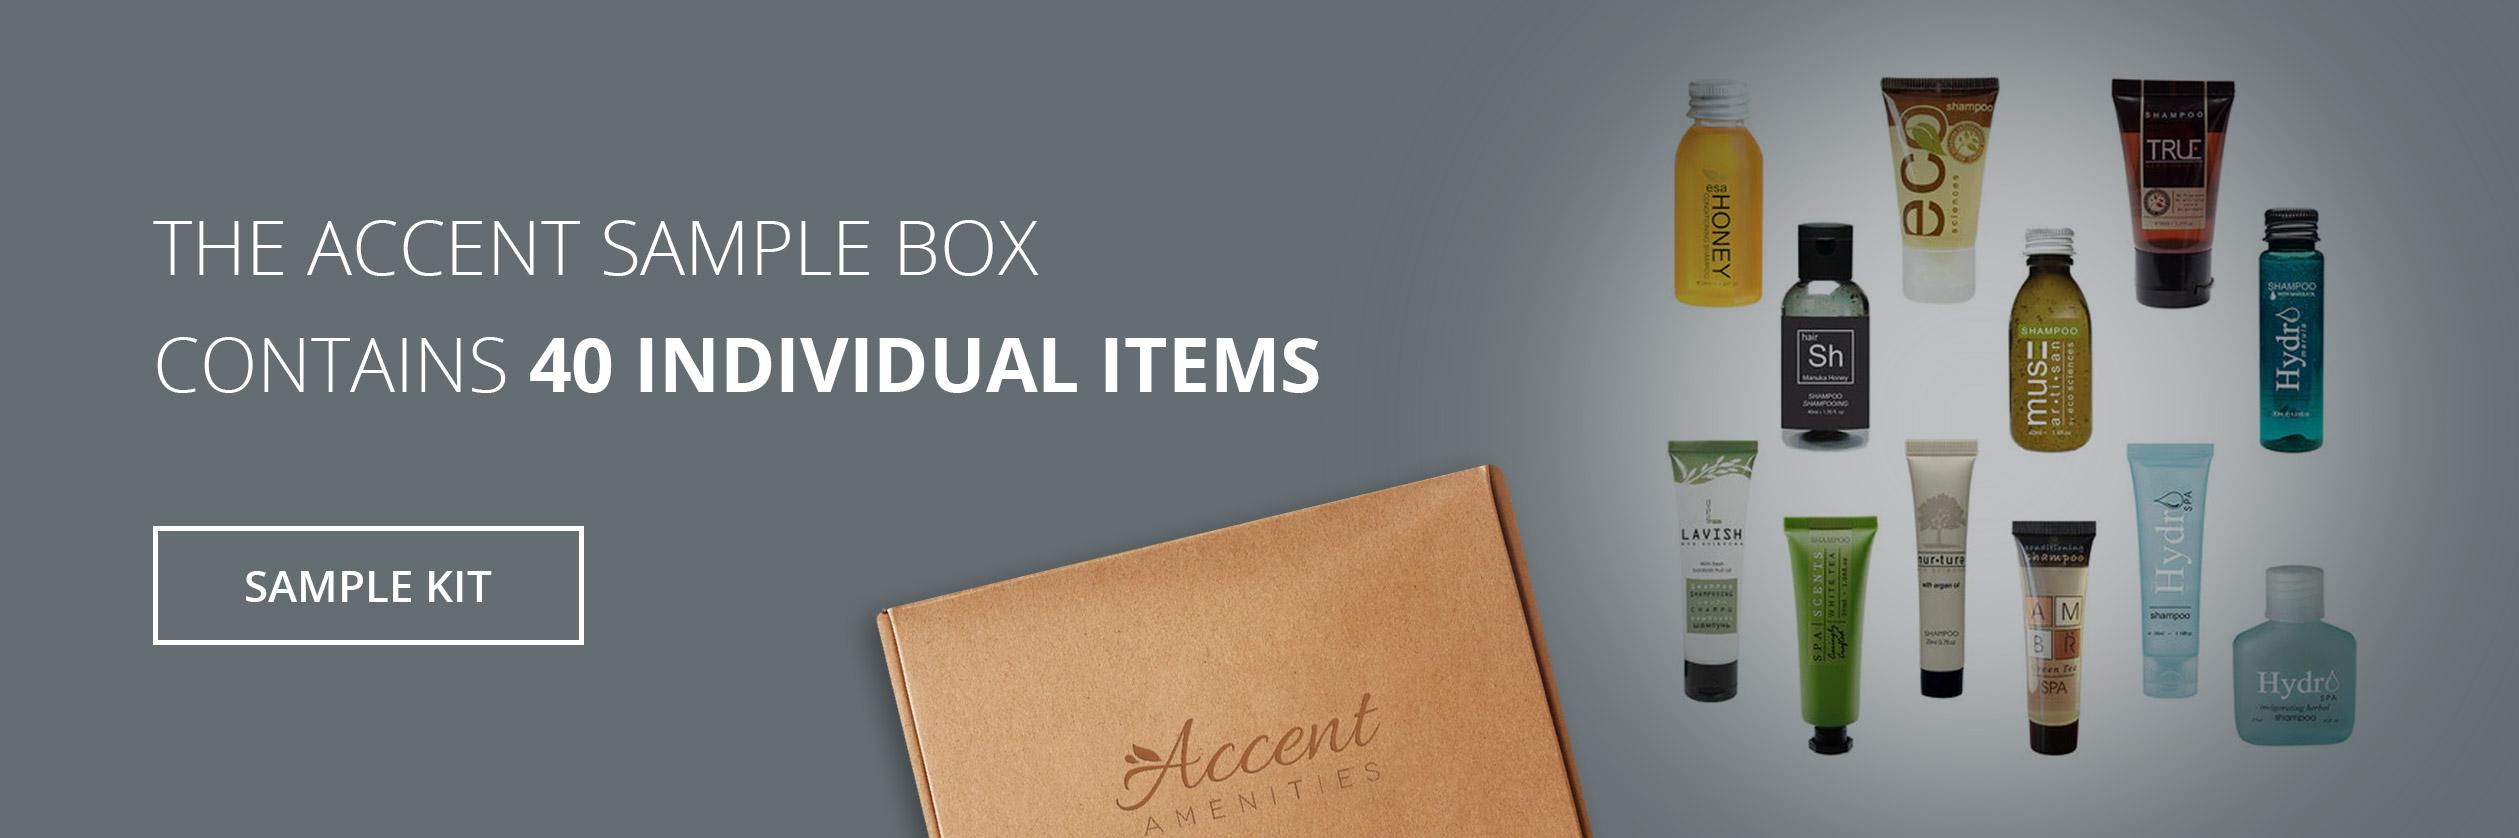 sample-kit-box-banner.jpg